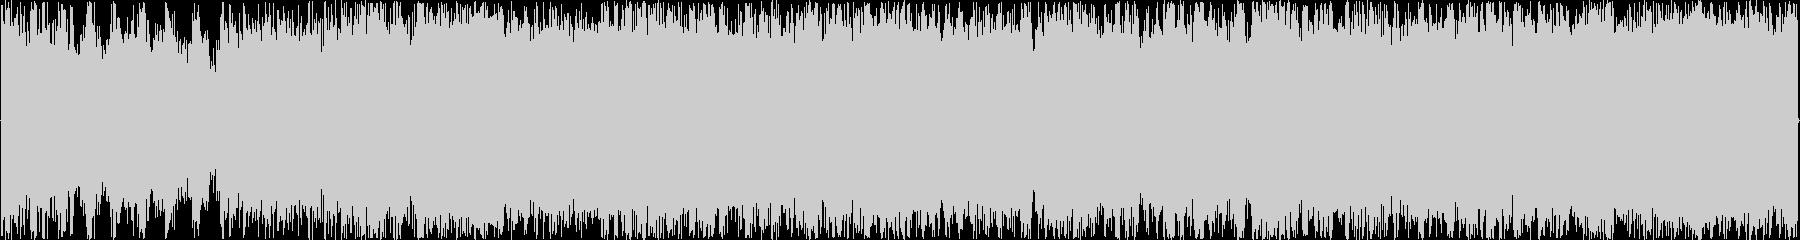 荒野を駆け抜けるイメージのBGMの未再生の波形